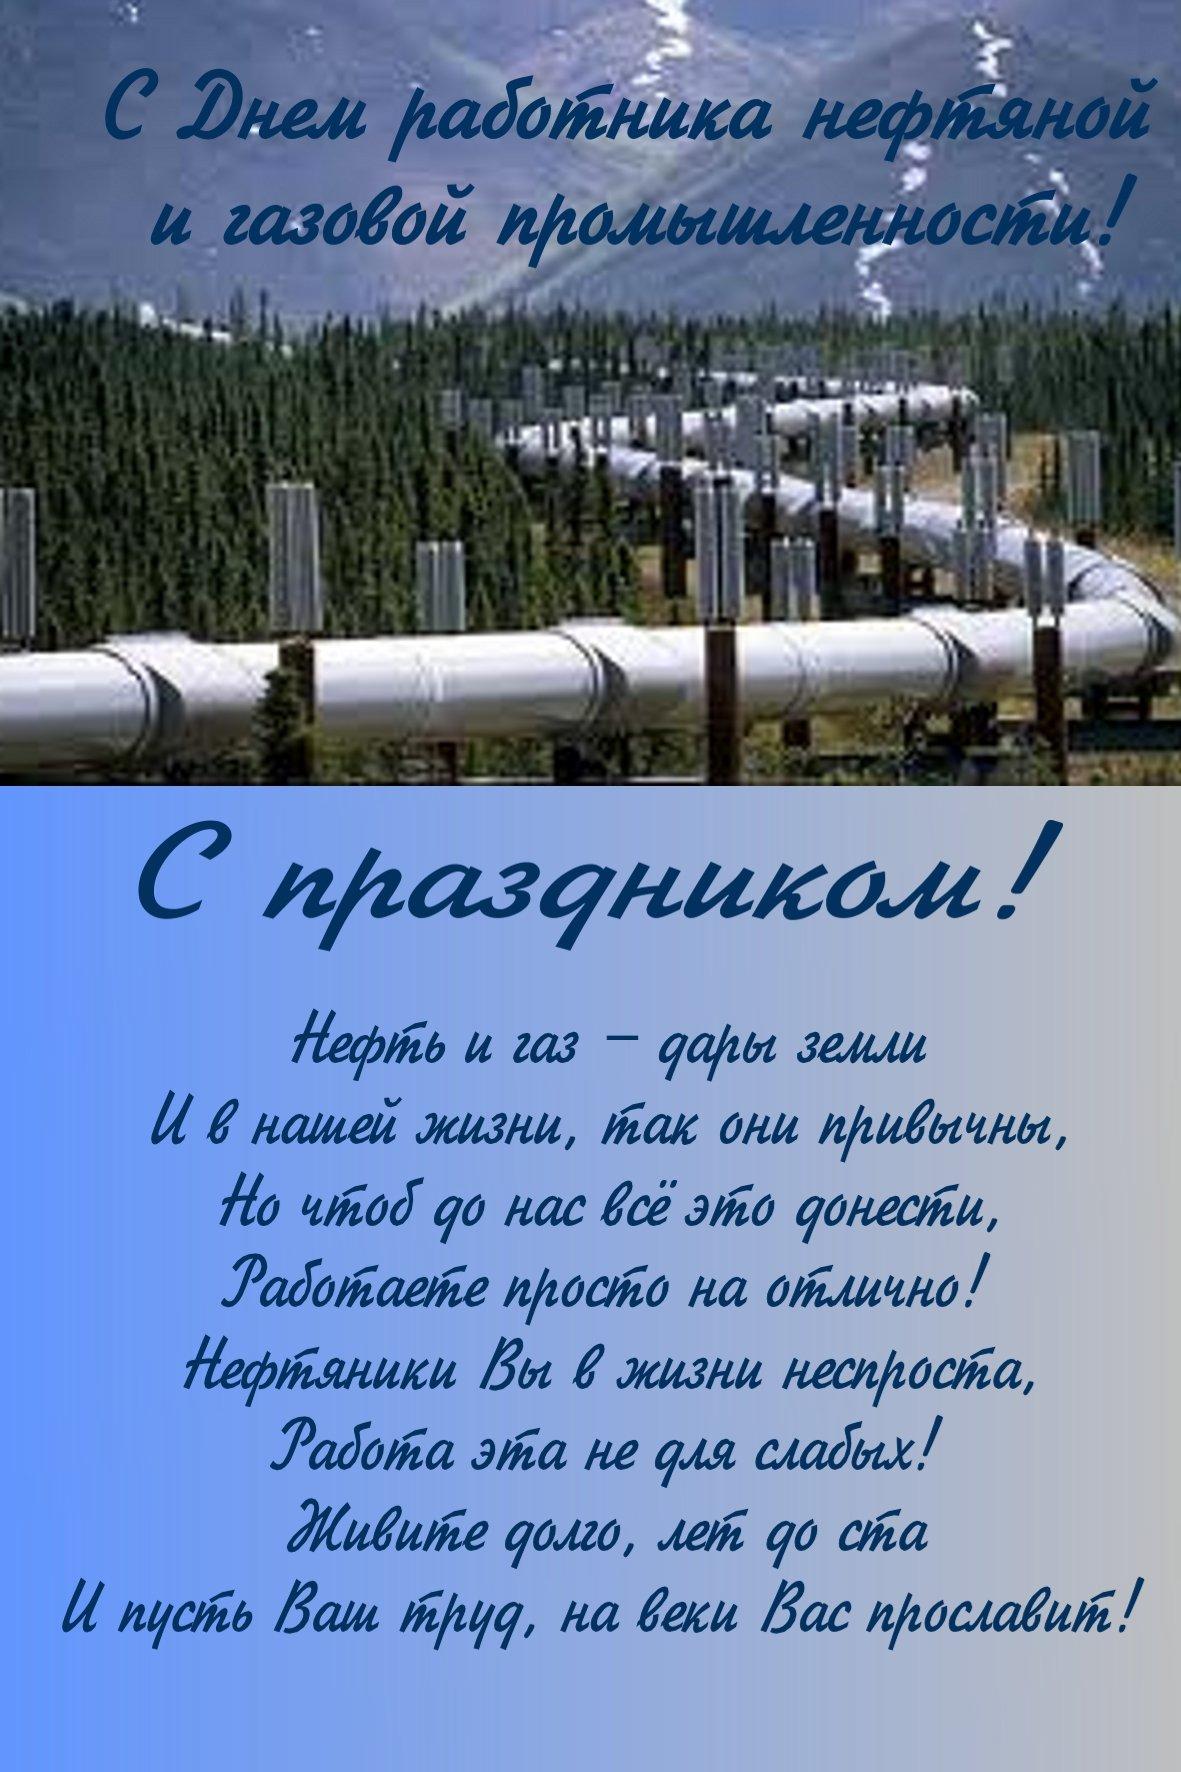 Бегут школу, открытка ко дню нефтегазовой промышленности